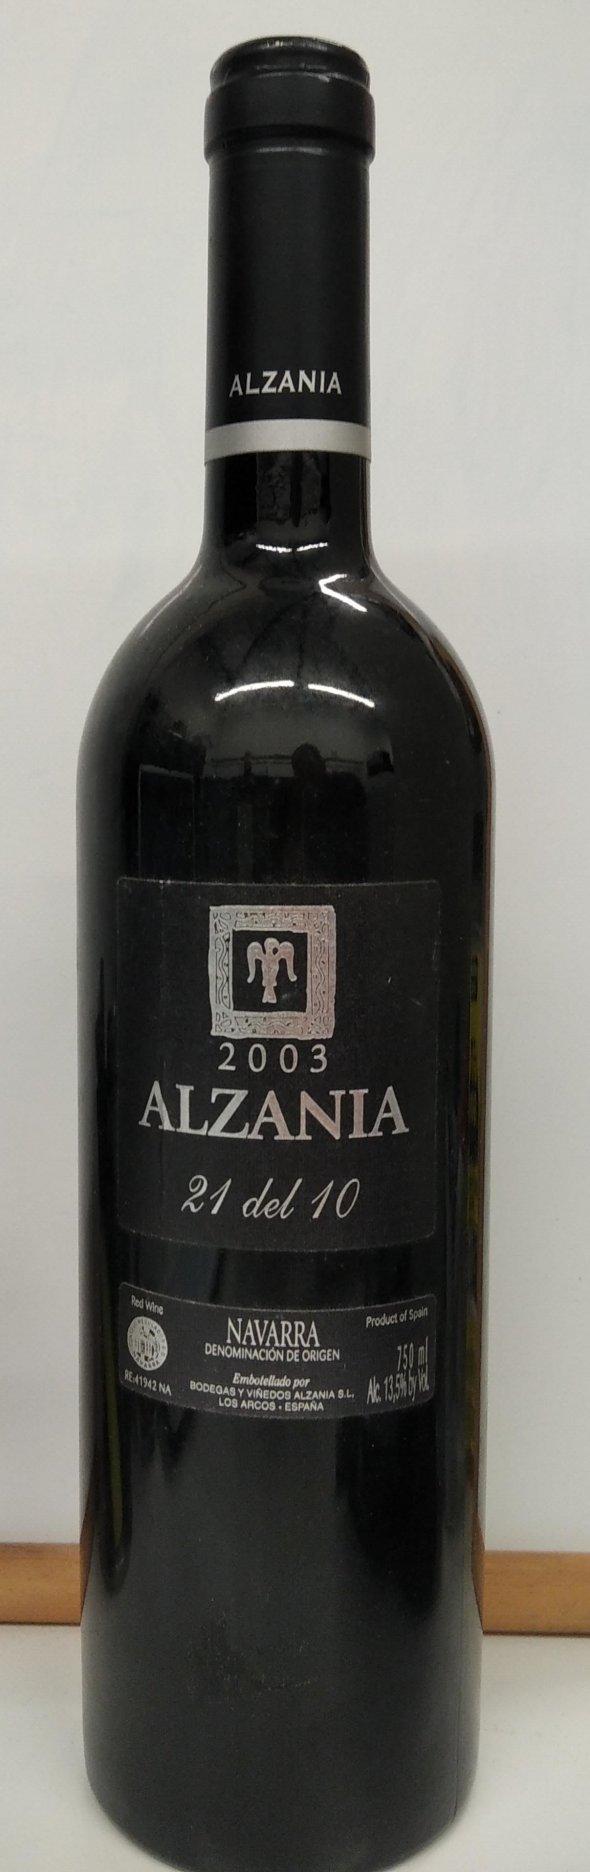 Alzania, 21 del 10, Navarra